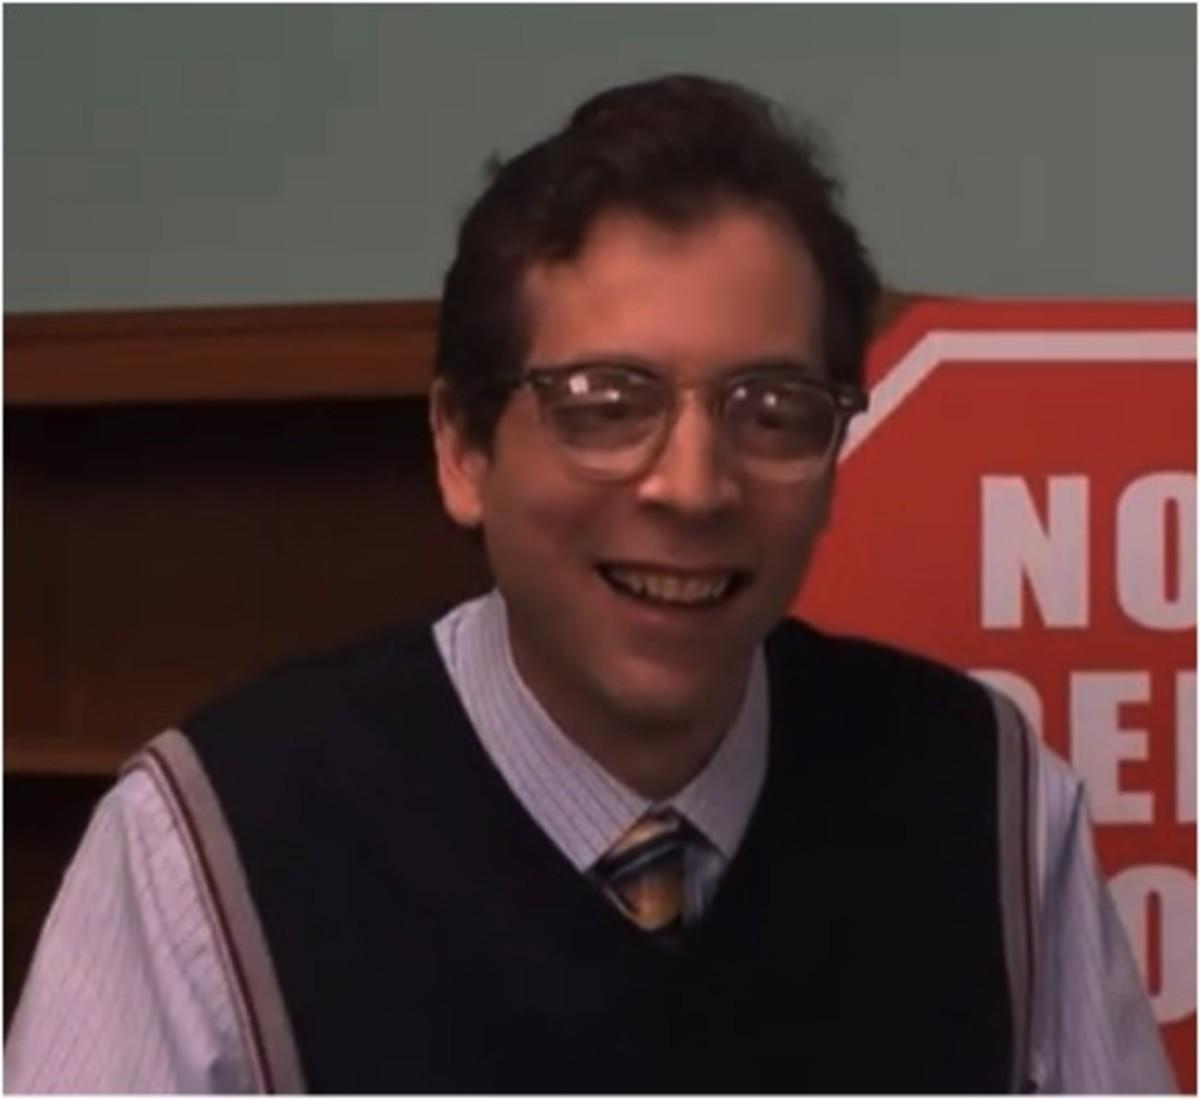 Dr. Lowe.